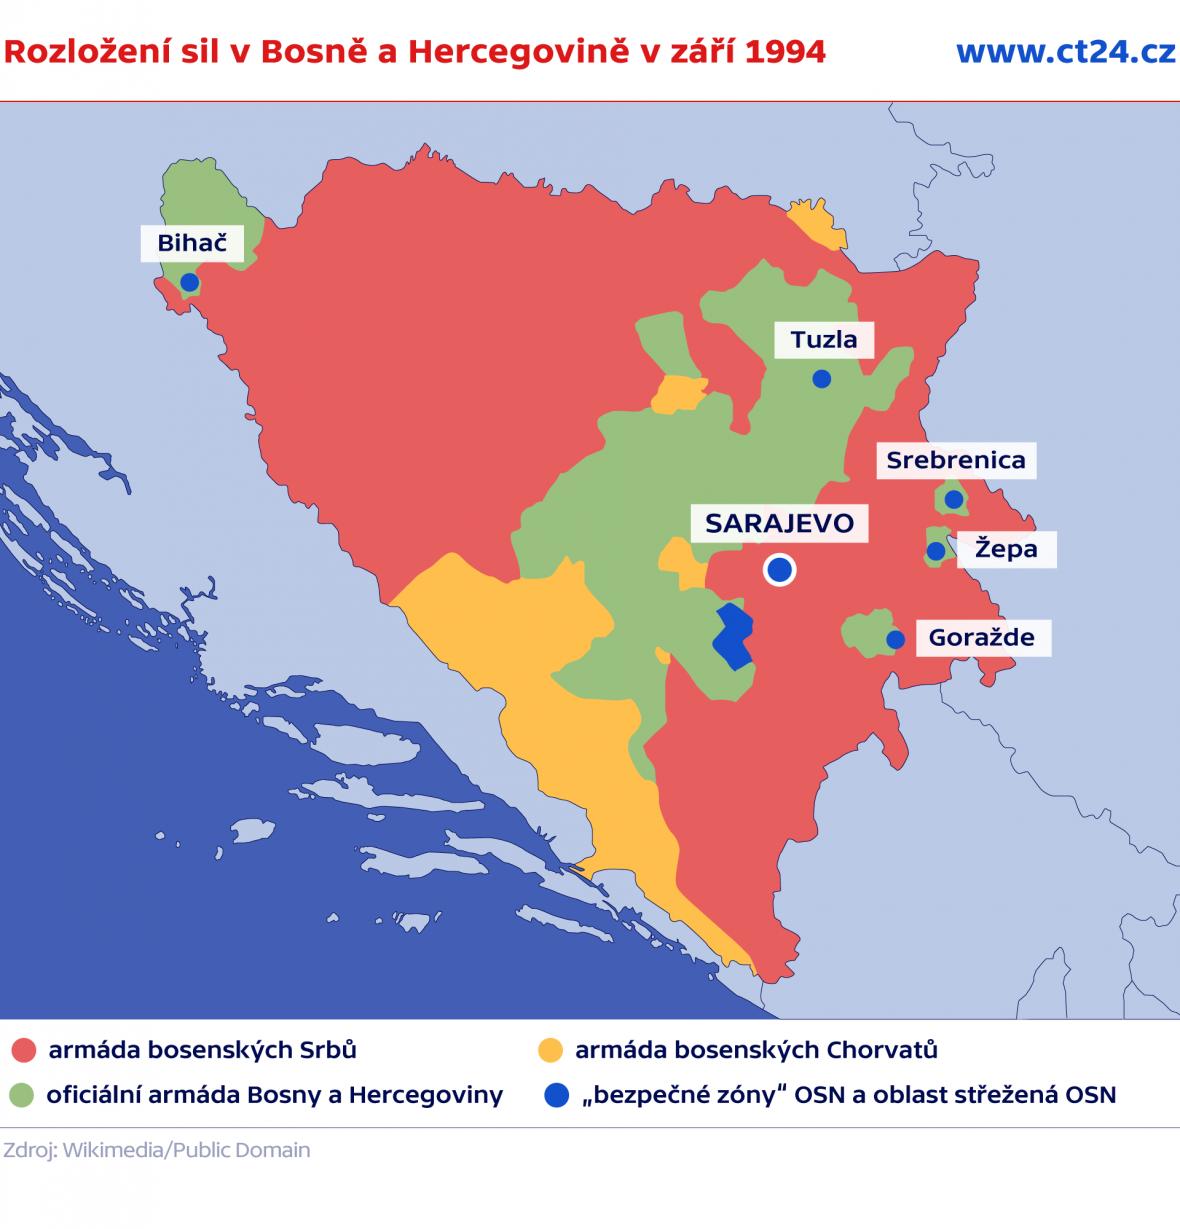 Rozložení sil v Bosně a Hercegovině v září 1994